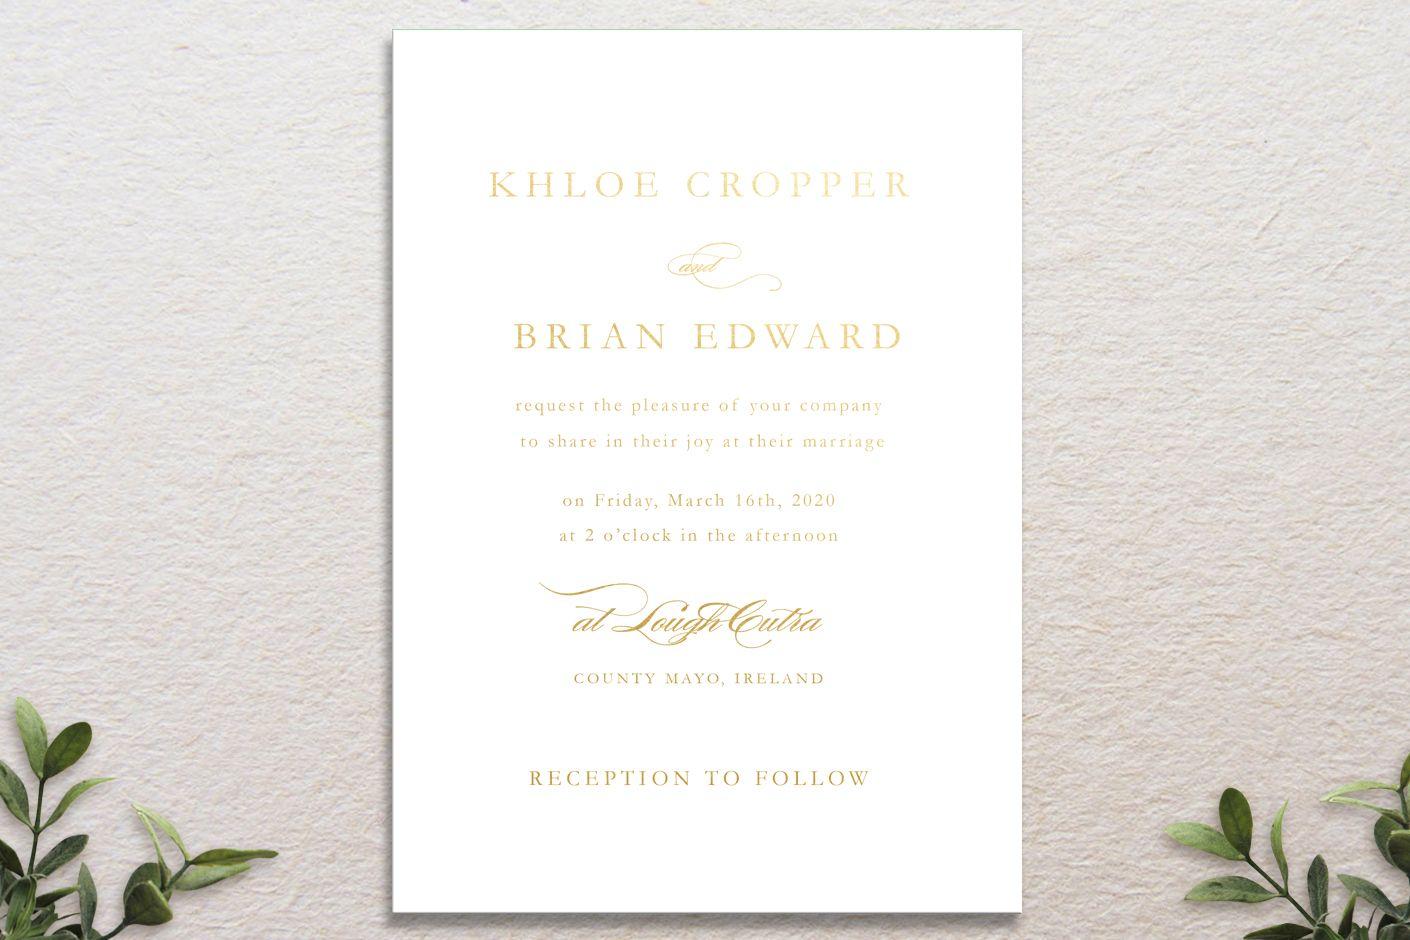 formal flourish wedding invitation, signature range design | Vintage ...